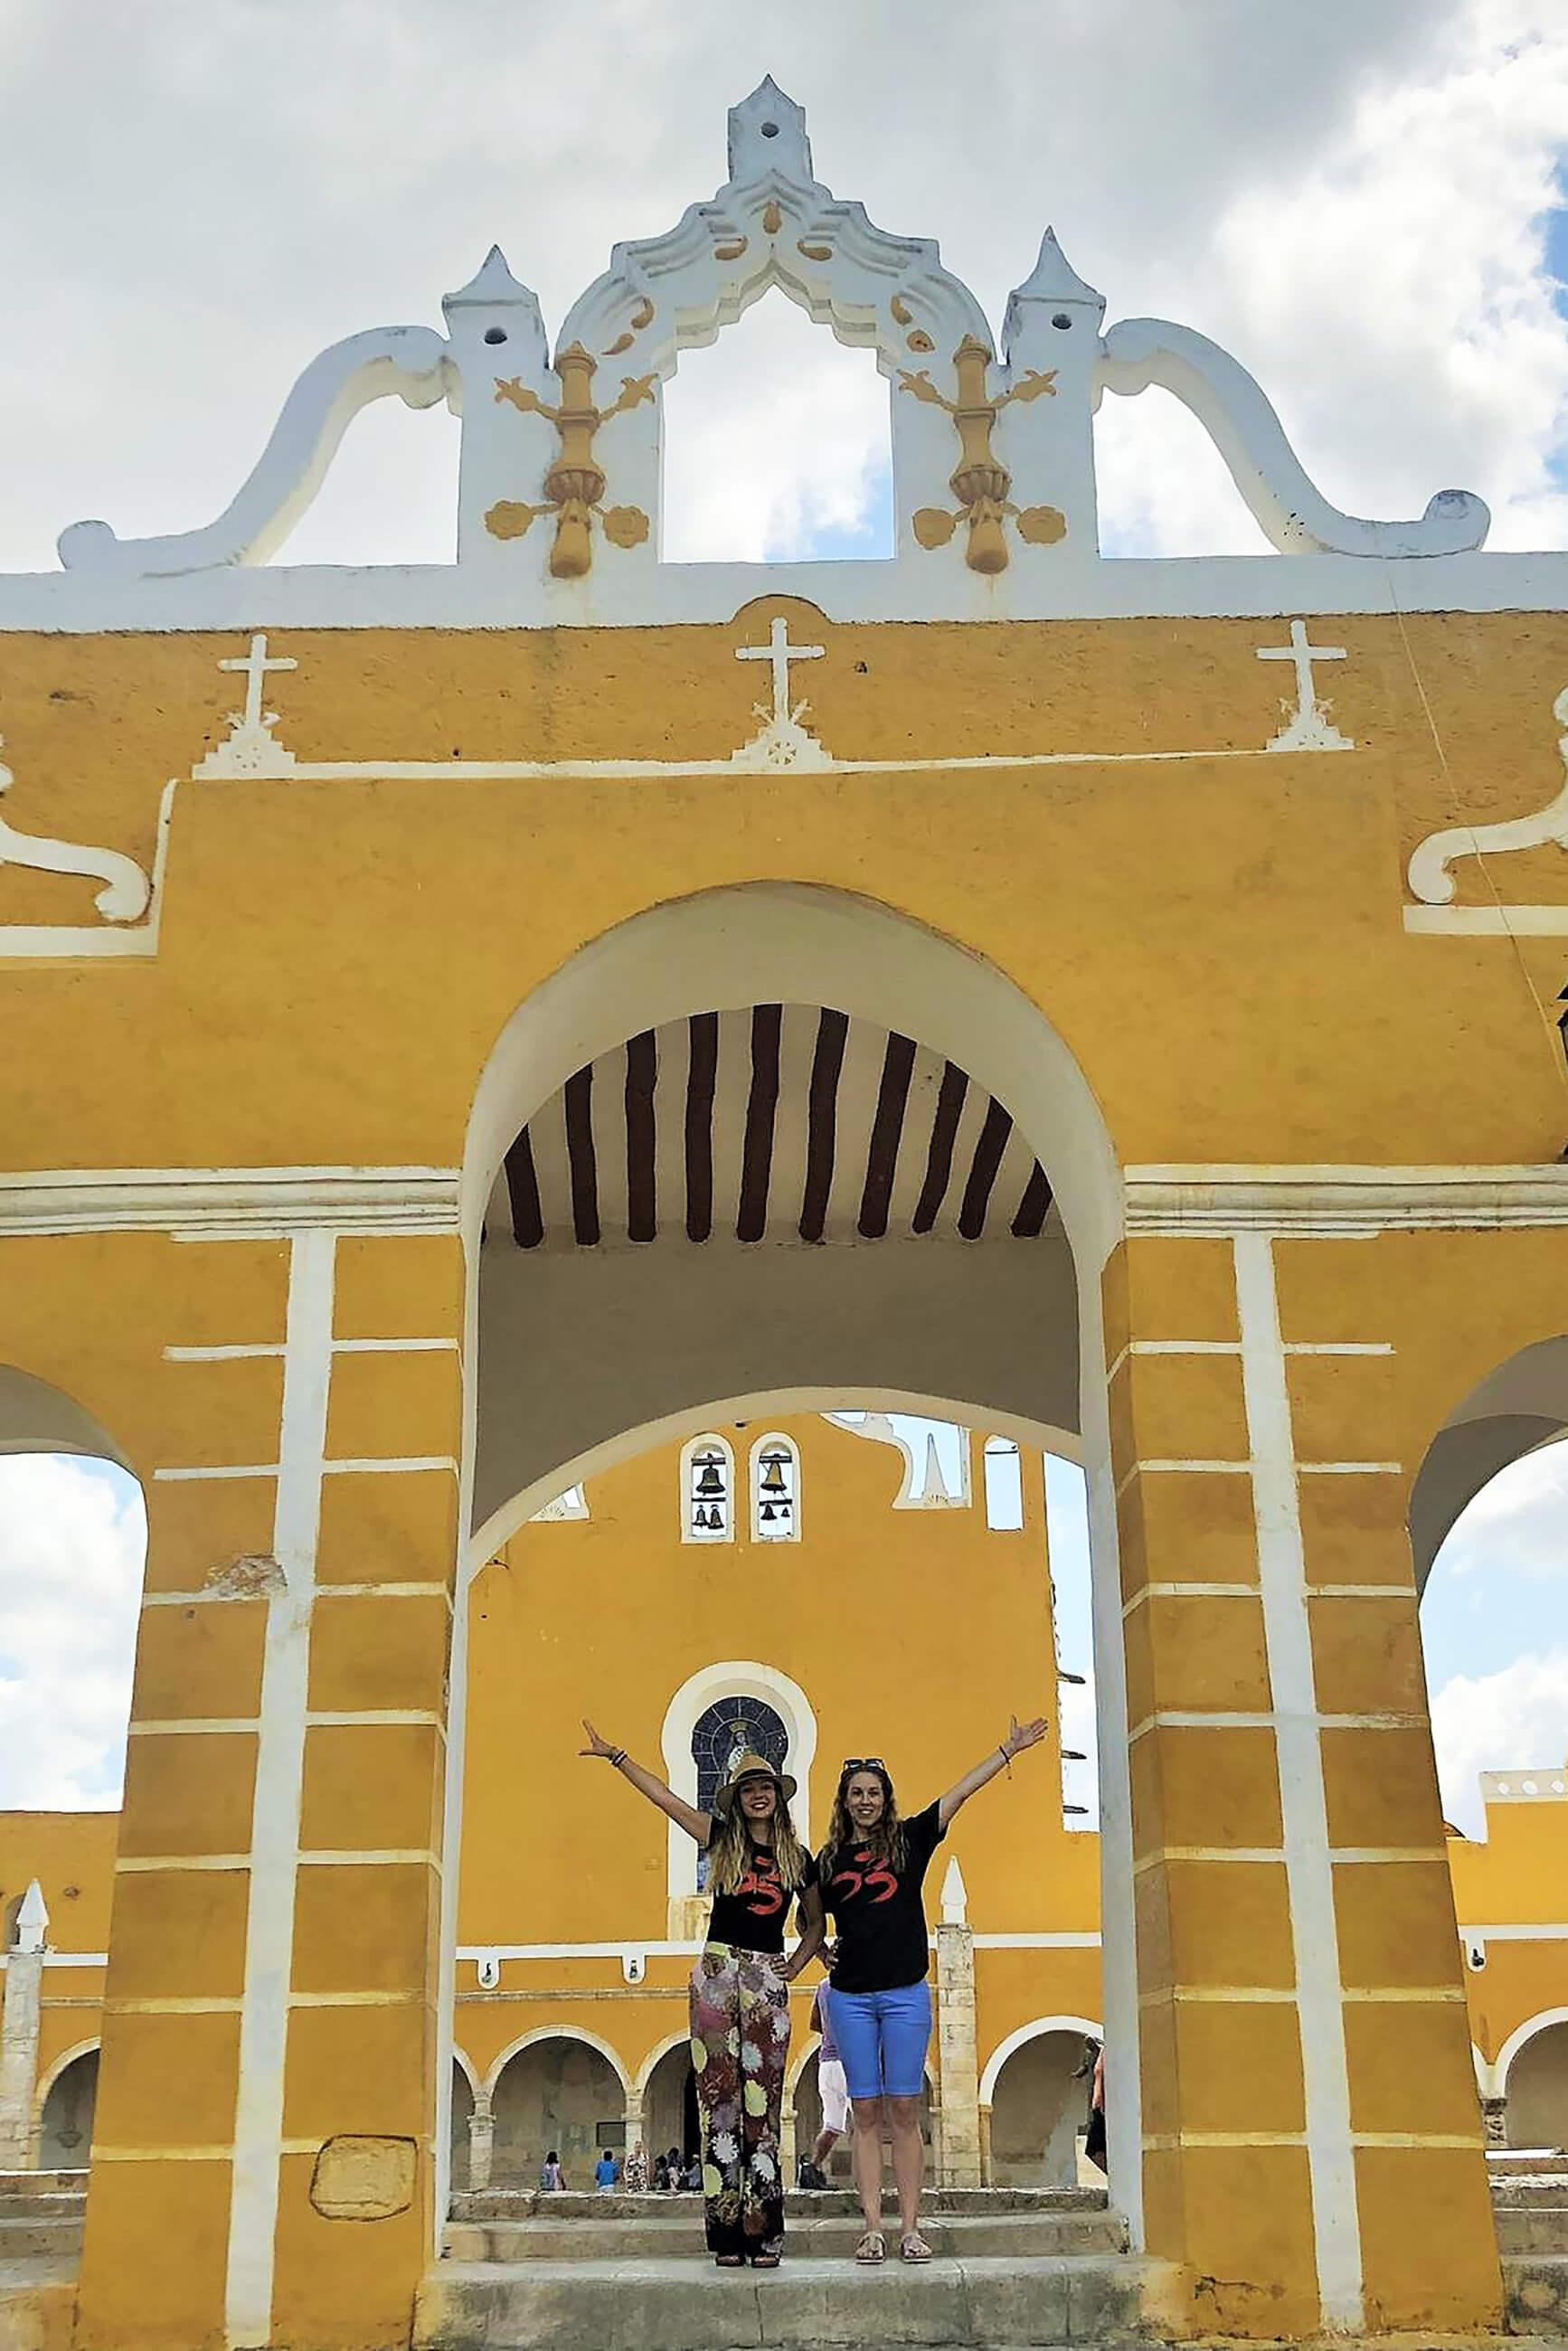 https://bubo.sk/uploads/galleries/3464/lauralackovicova_mexiko_izamal---krasna-zlta-mexicka-dedinka.-1_vysledok.jpg